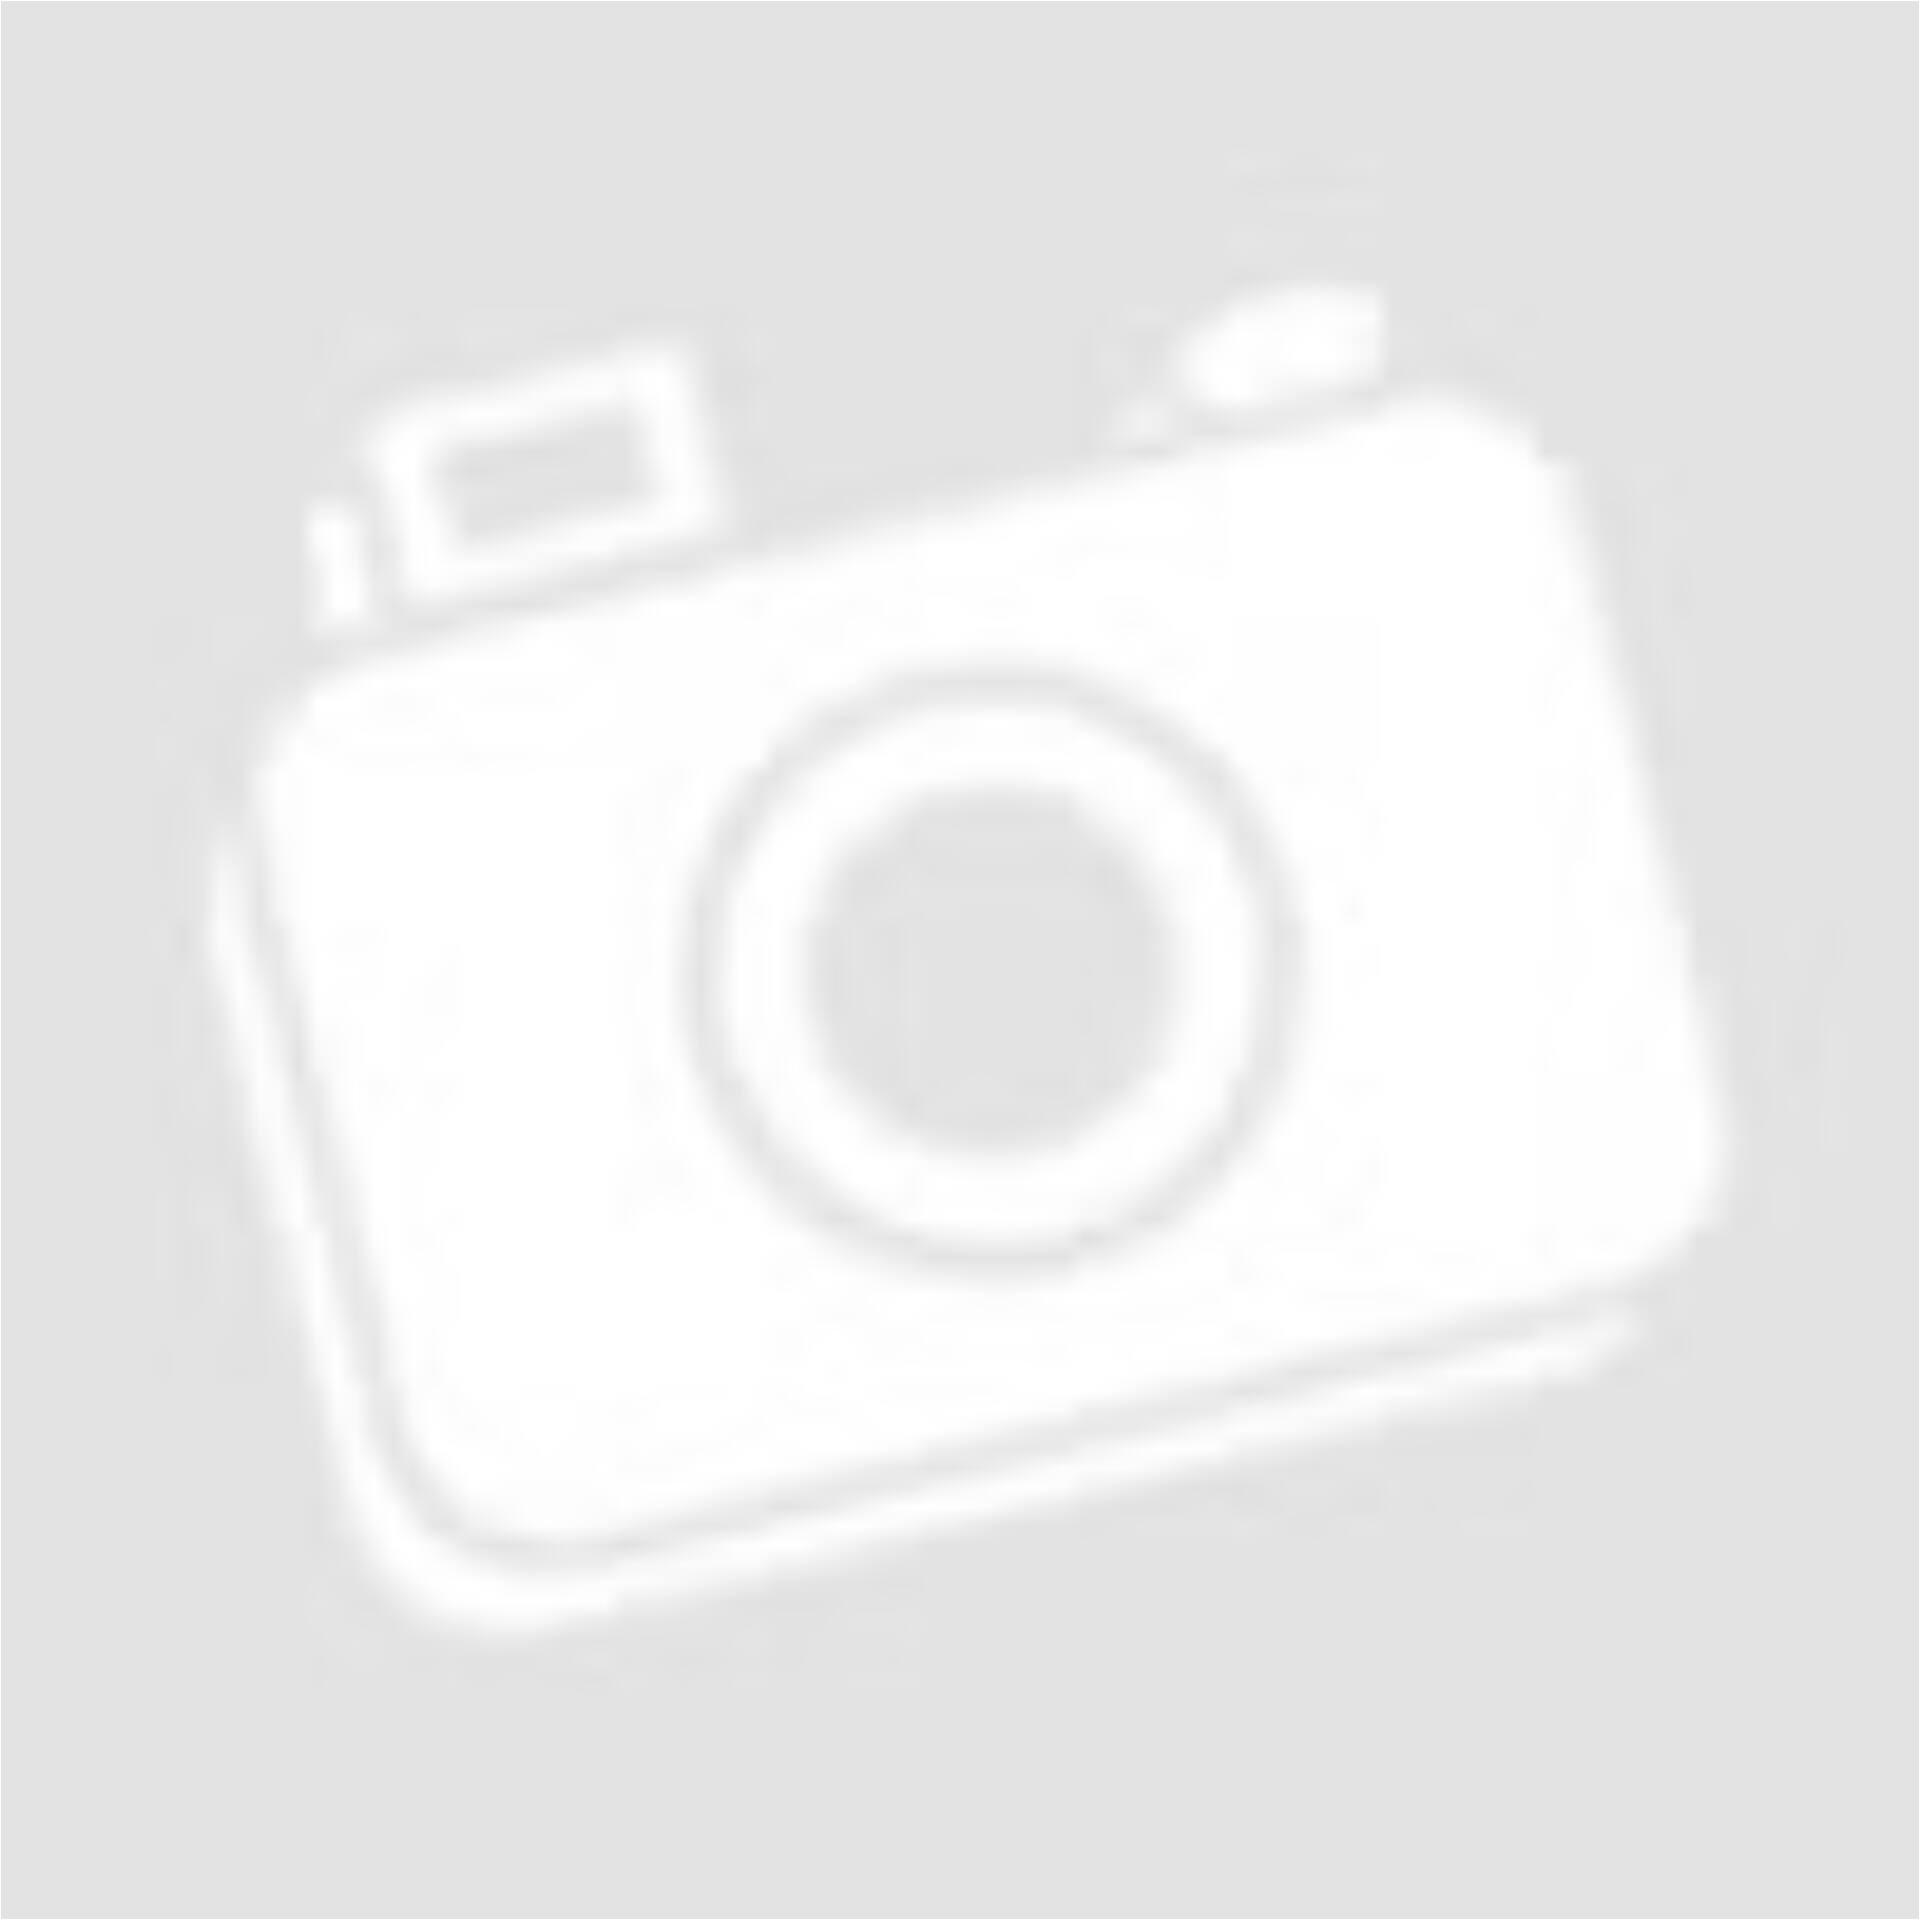 8d5aa6107e H&M barna színű szőrmés kabát (Méret: M) - Női dzseki, kabát, blézer ...